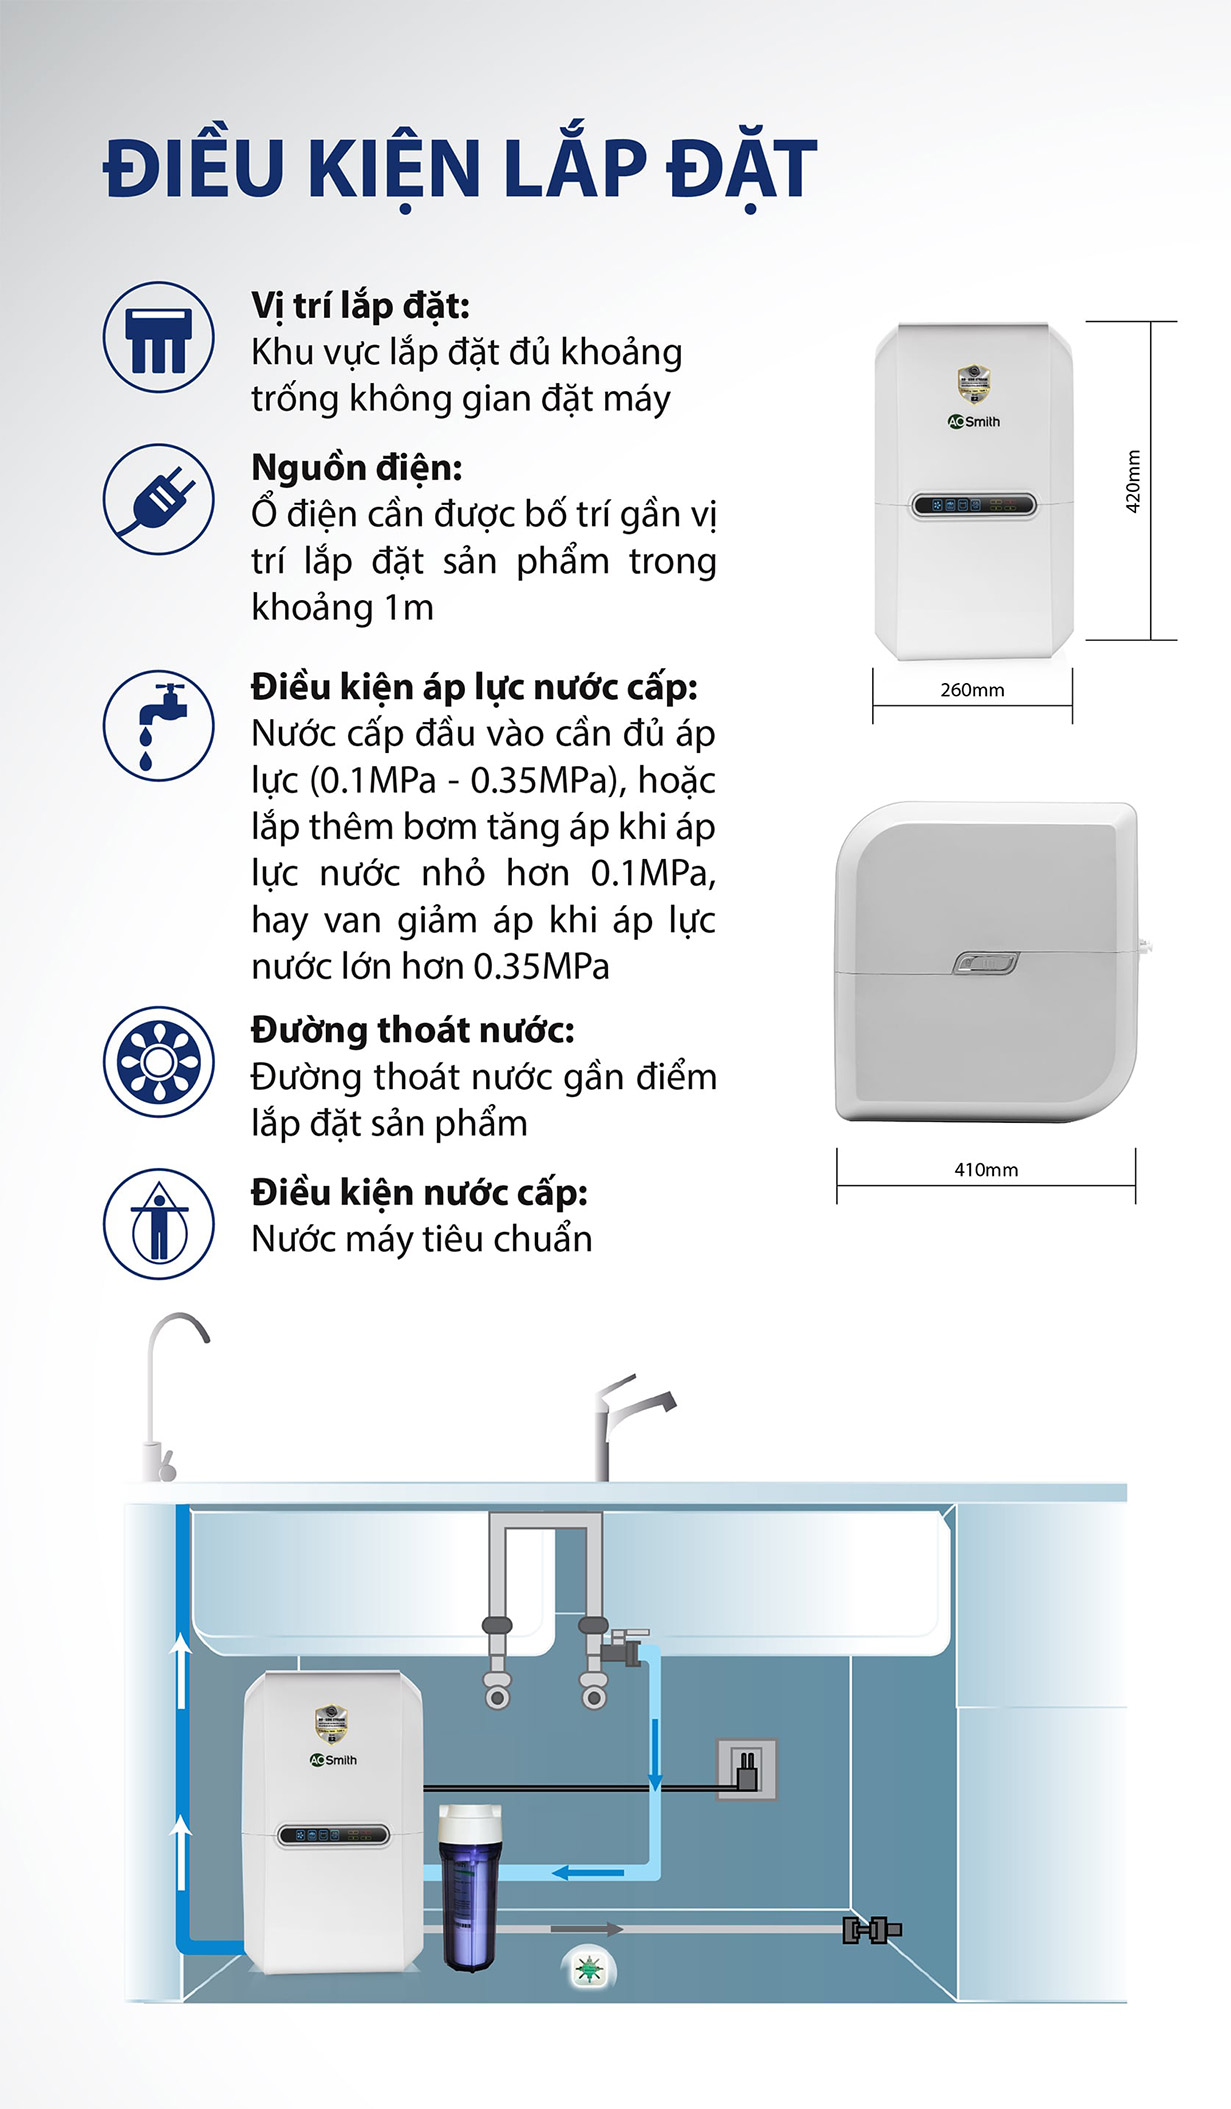 Điều kiện lắp đặt dòng máy lọc nước Aosmith E2